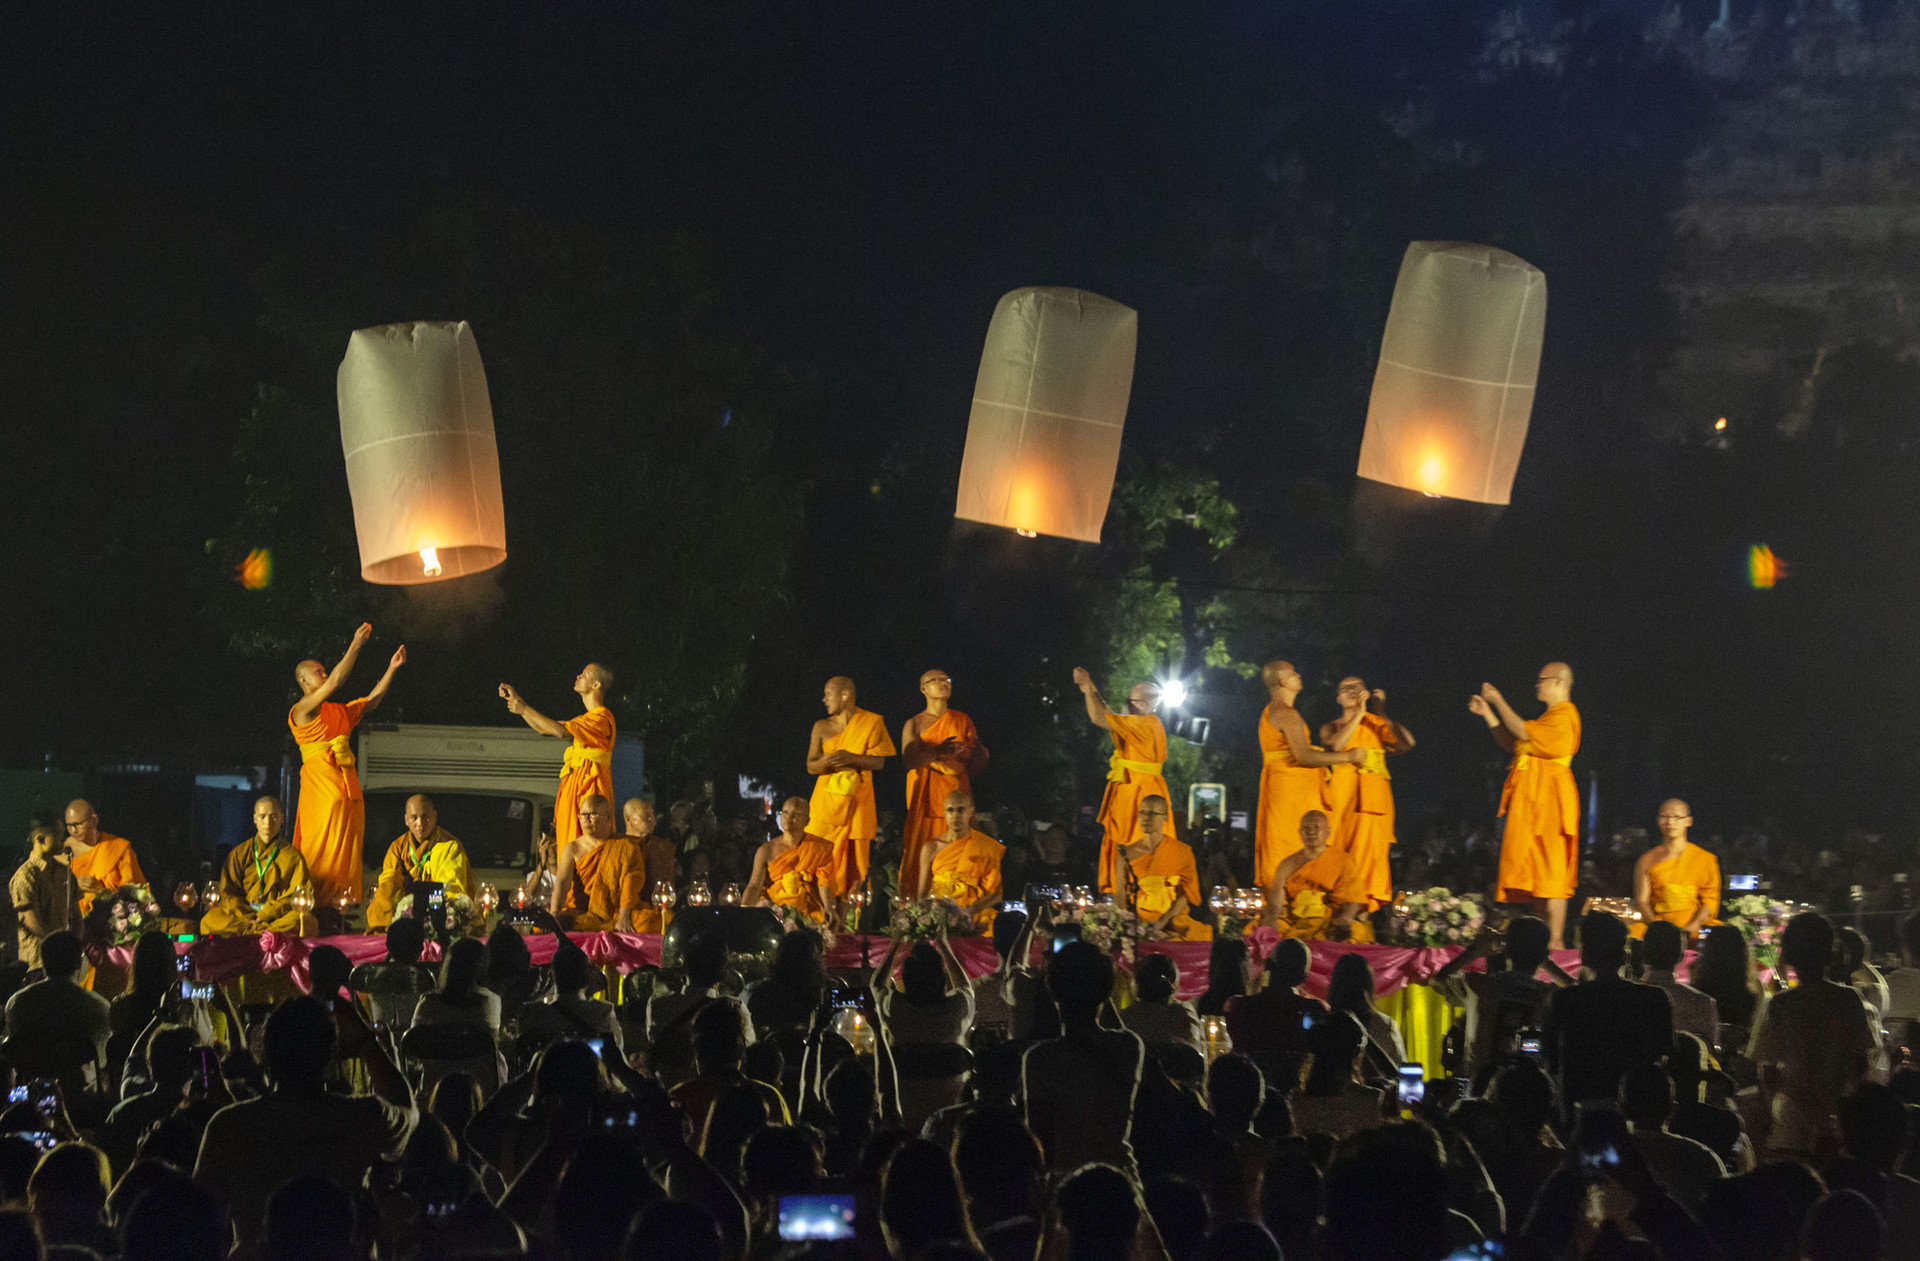 Pelepasan lentera terbang pada perayaan Waisak di Candi Borobudur, Jawa Tengah.